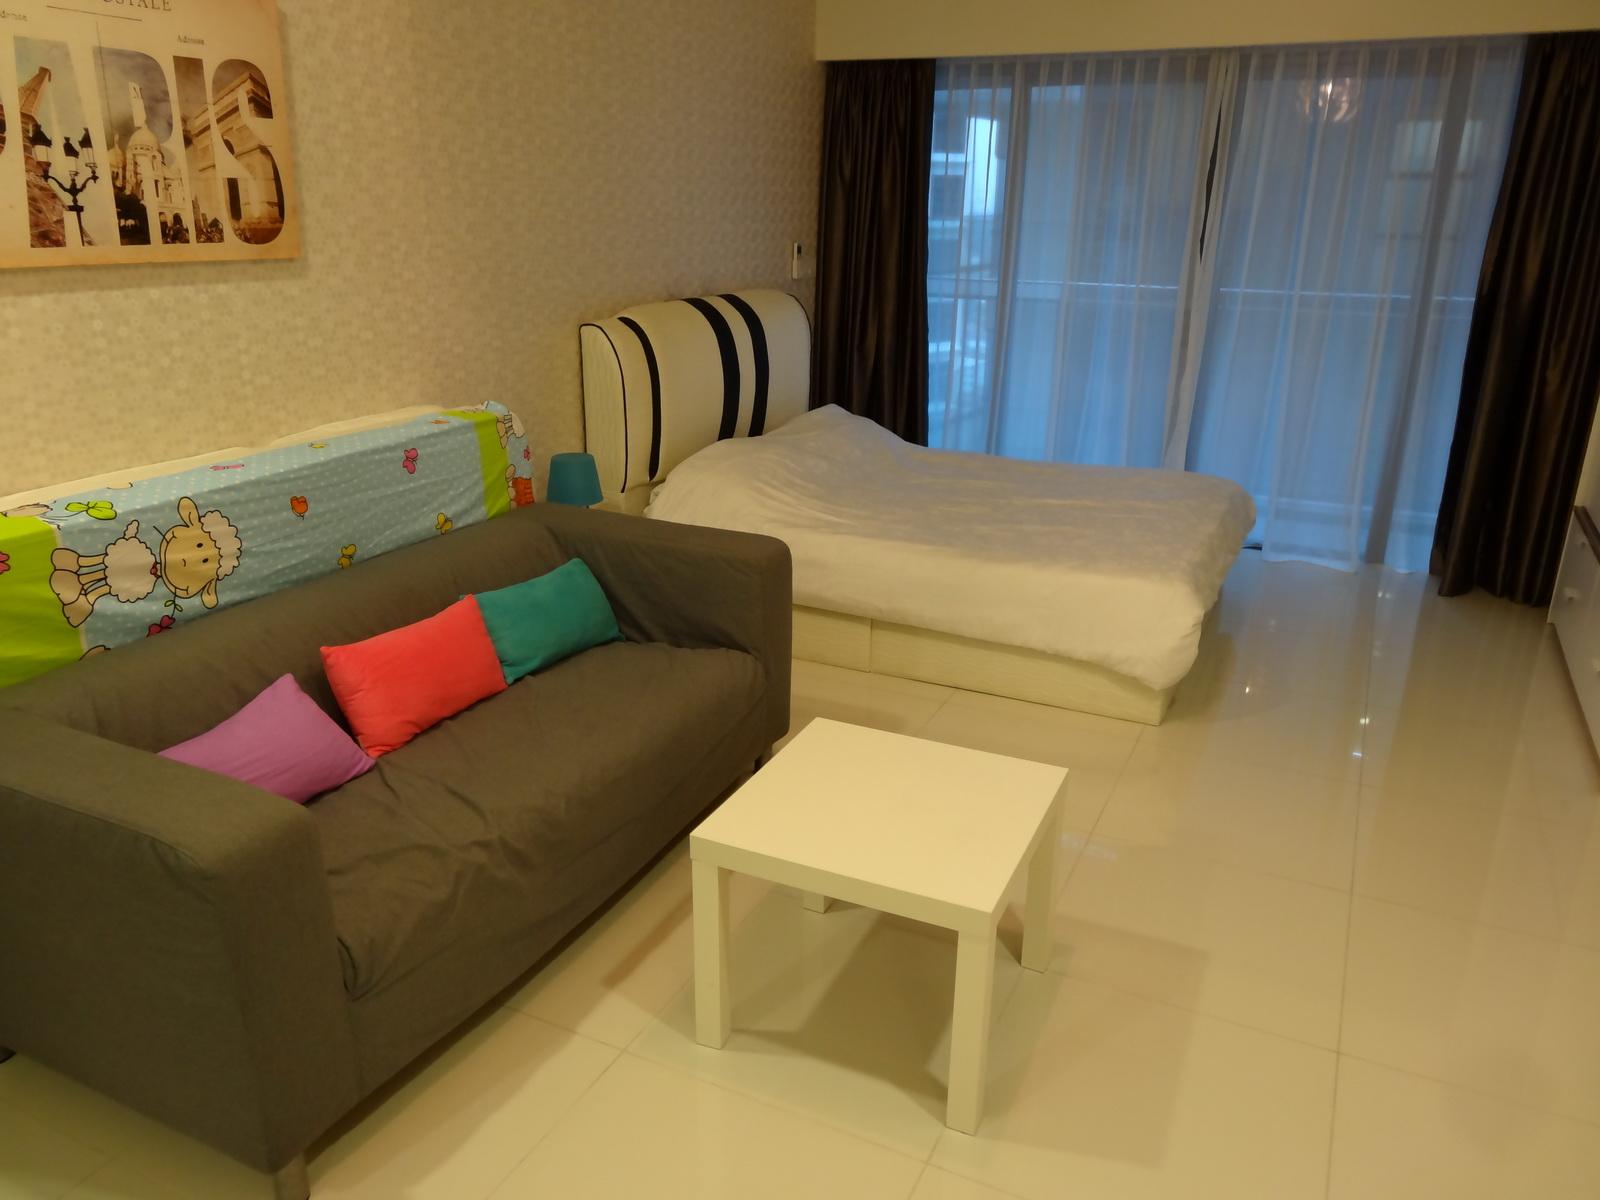 03 KL Apartment 01